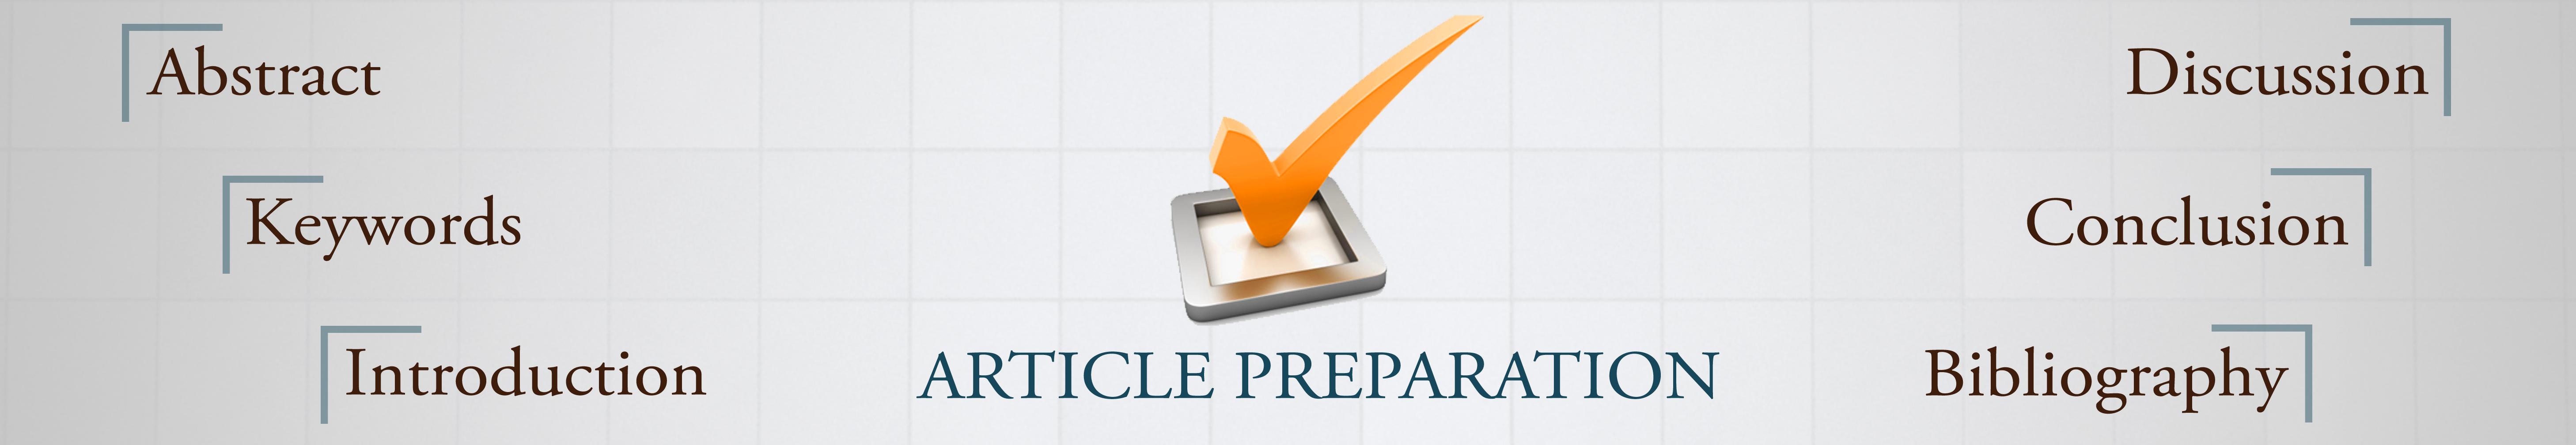 Artcle Preparation